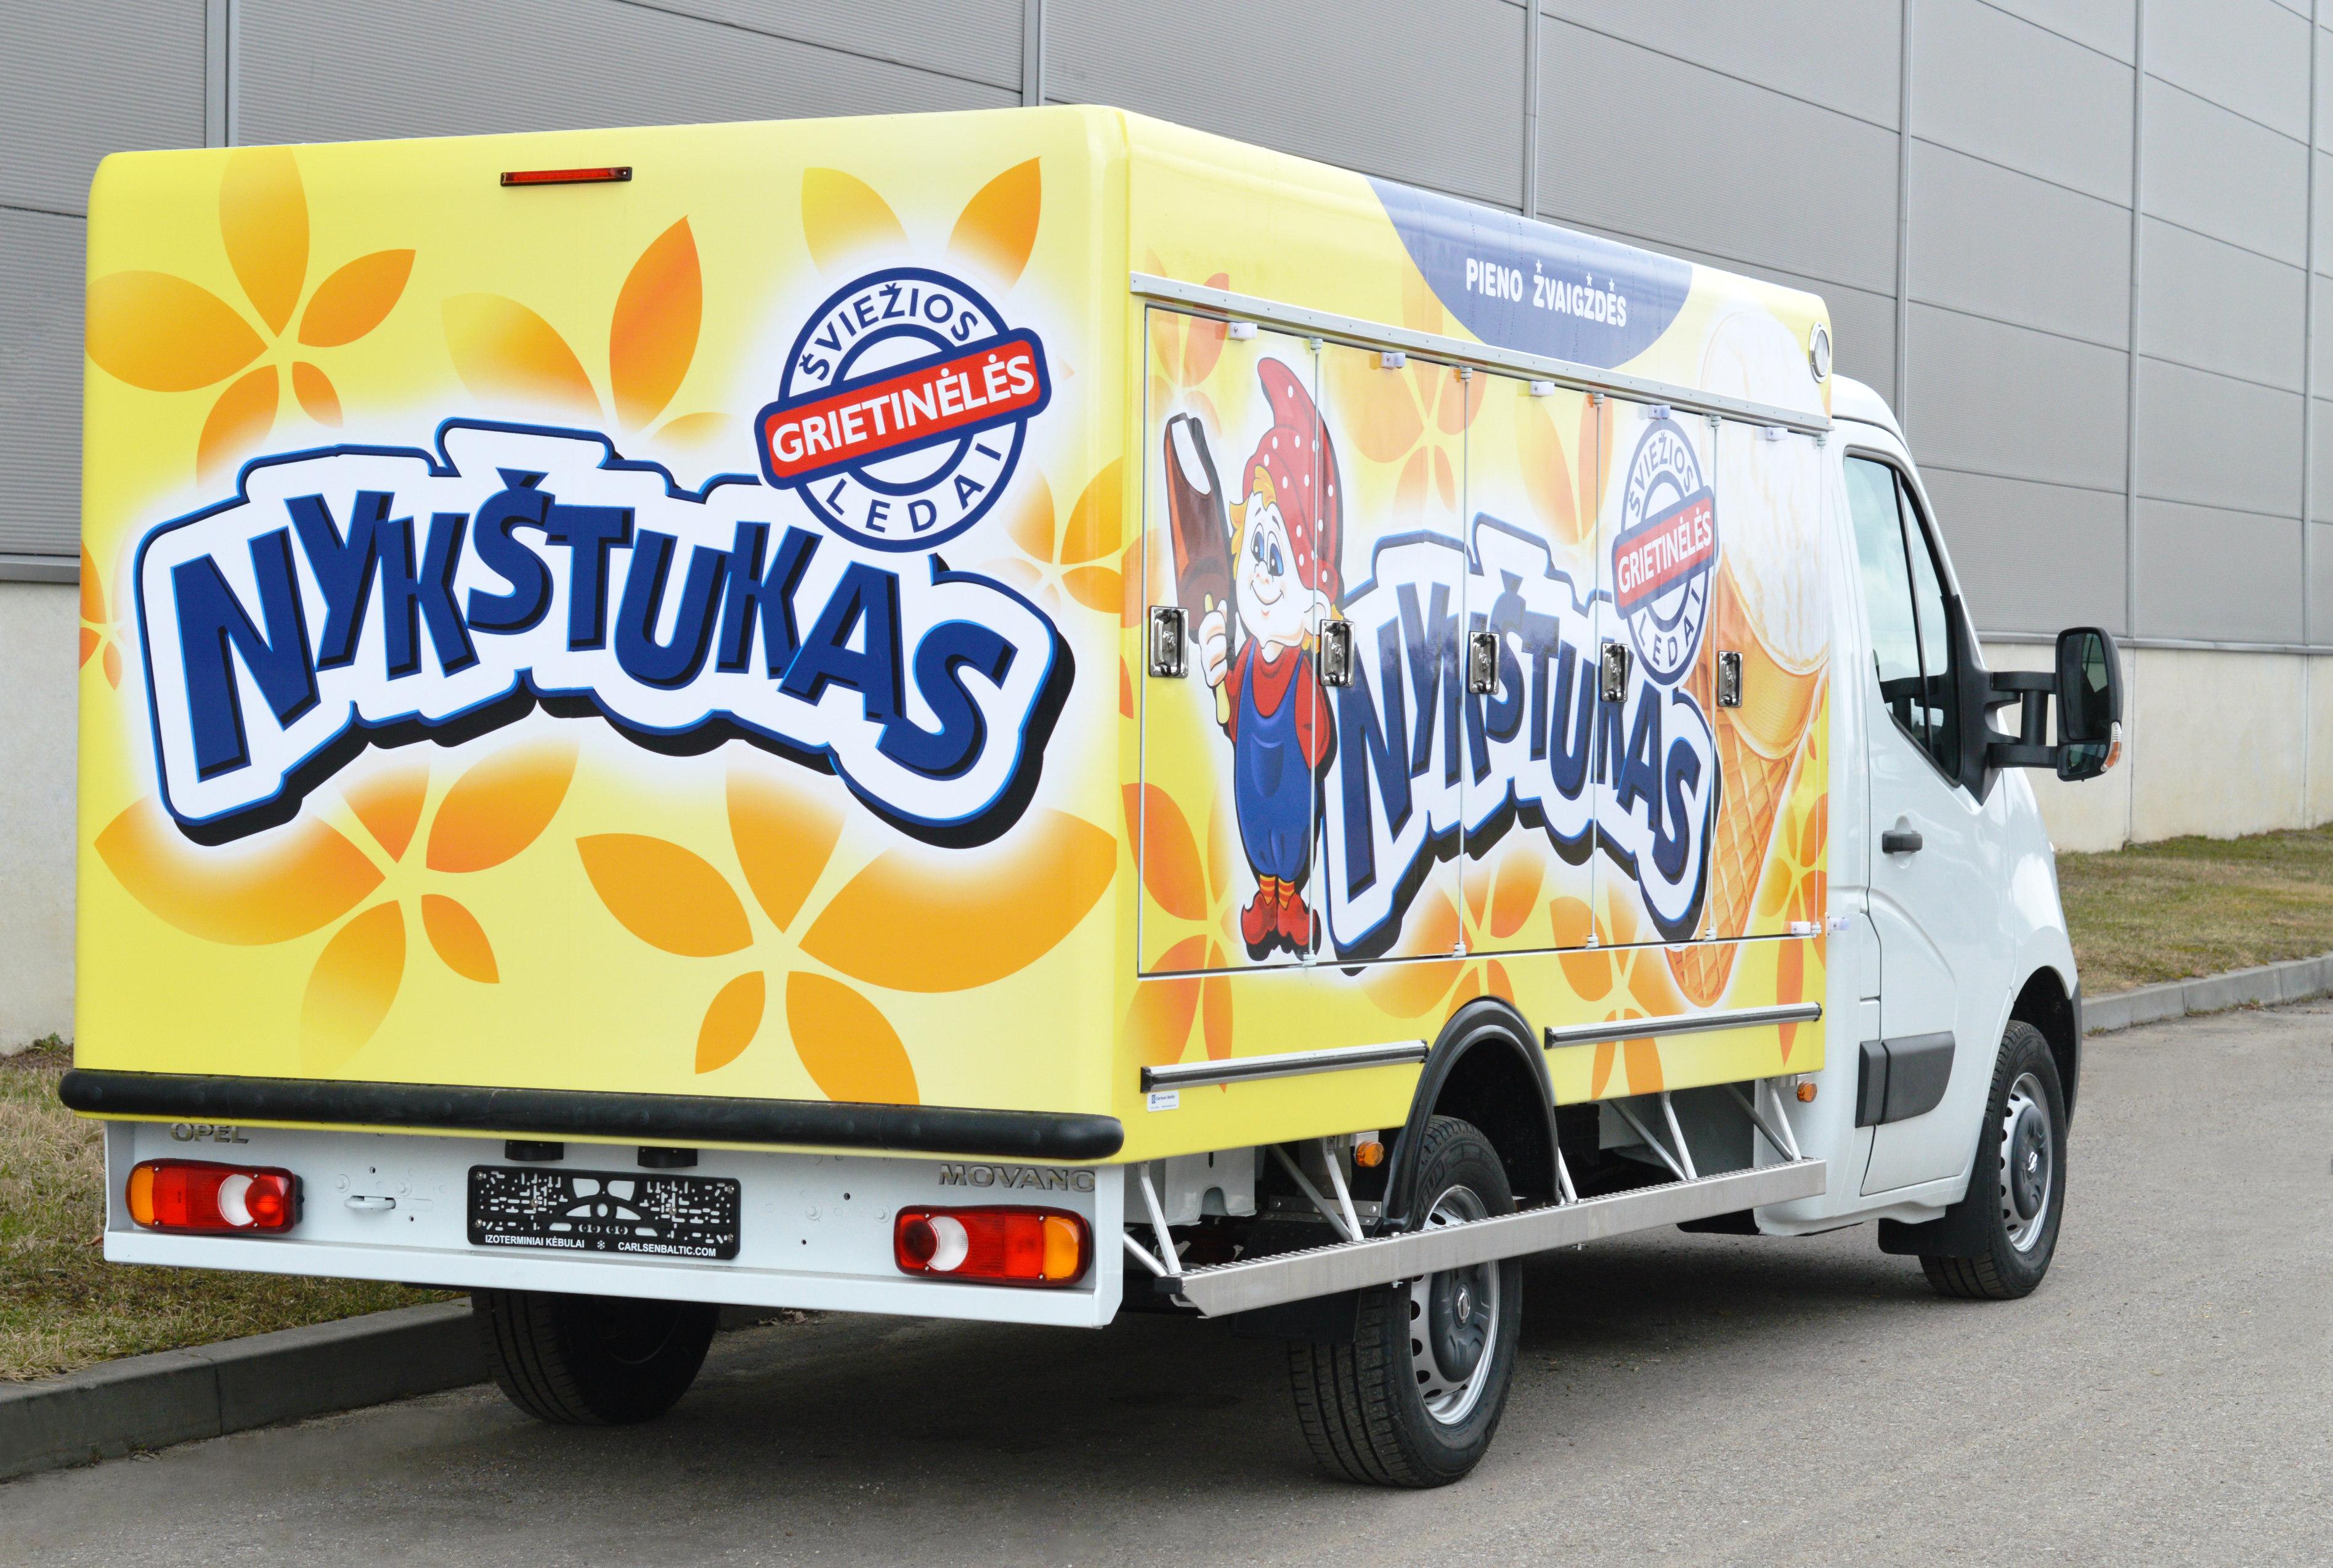 Lightweight refrigerated truck for Pieno Žvaigždės